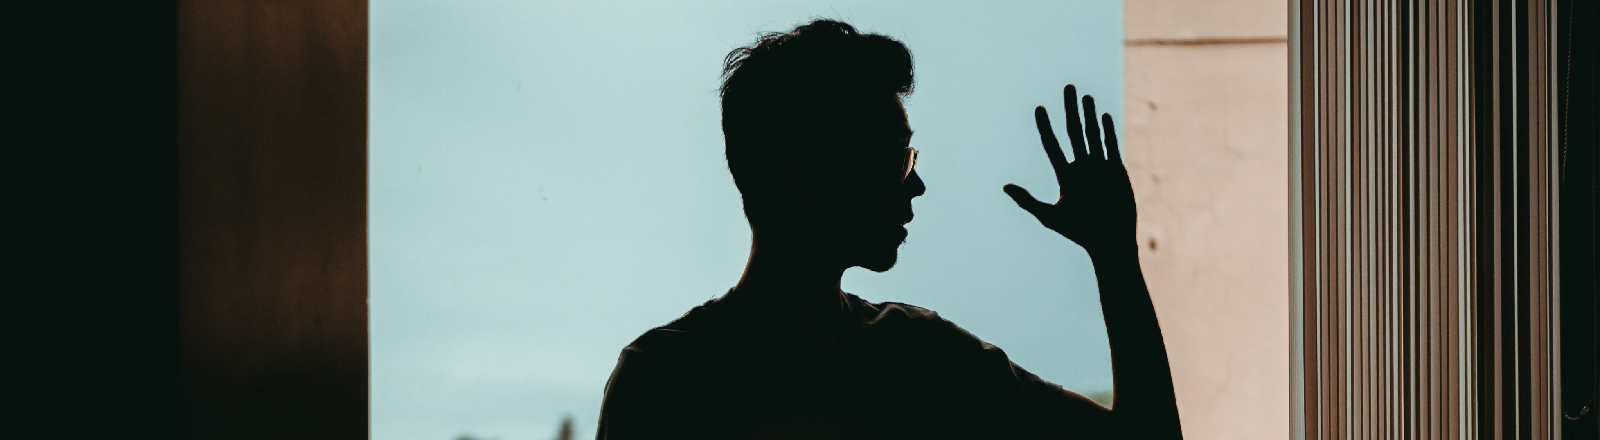 Ein junger Mann vor dem Fenster.